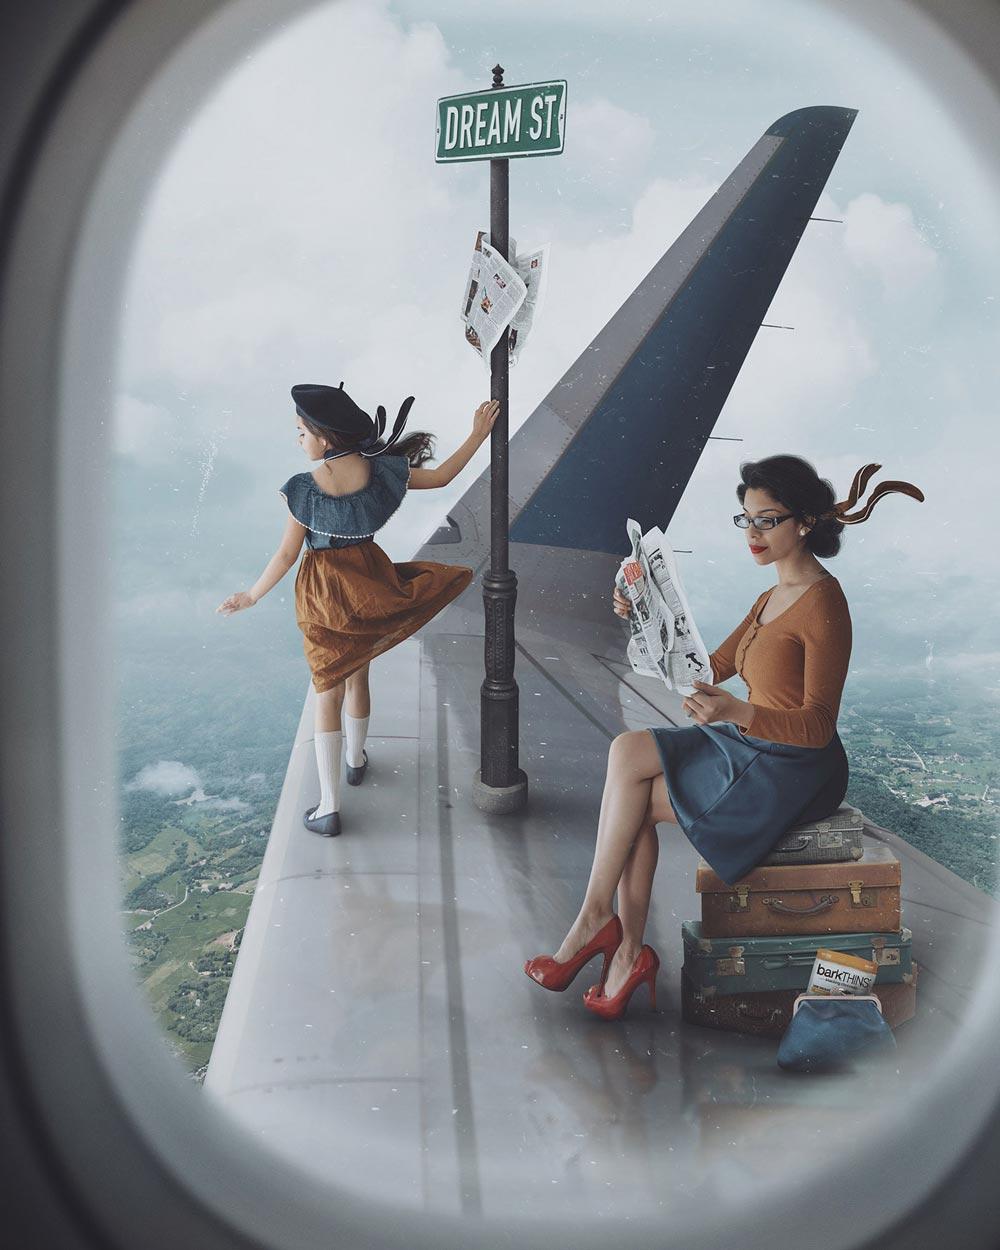 Vanessa Rivera 创意合成人像系列作品 时尚图库 第8张